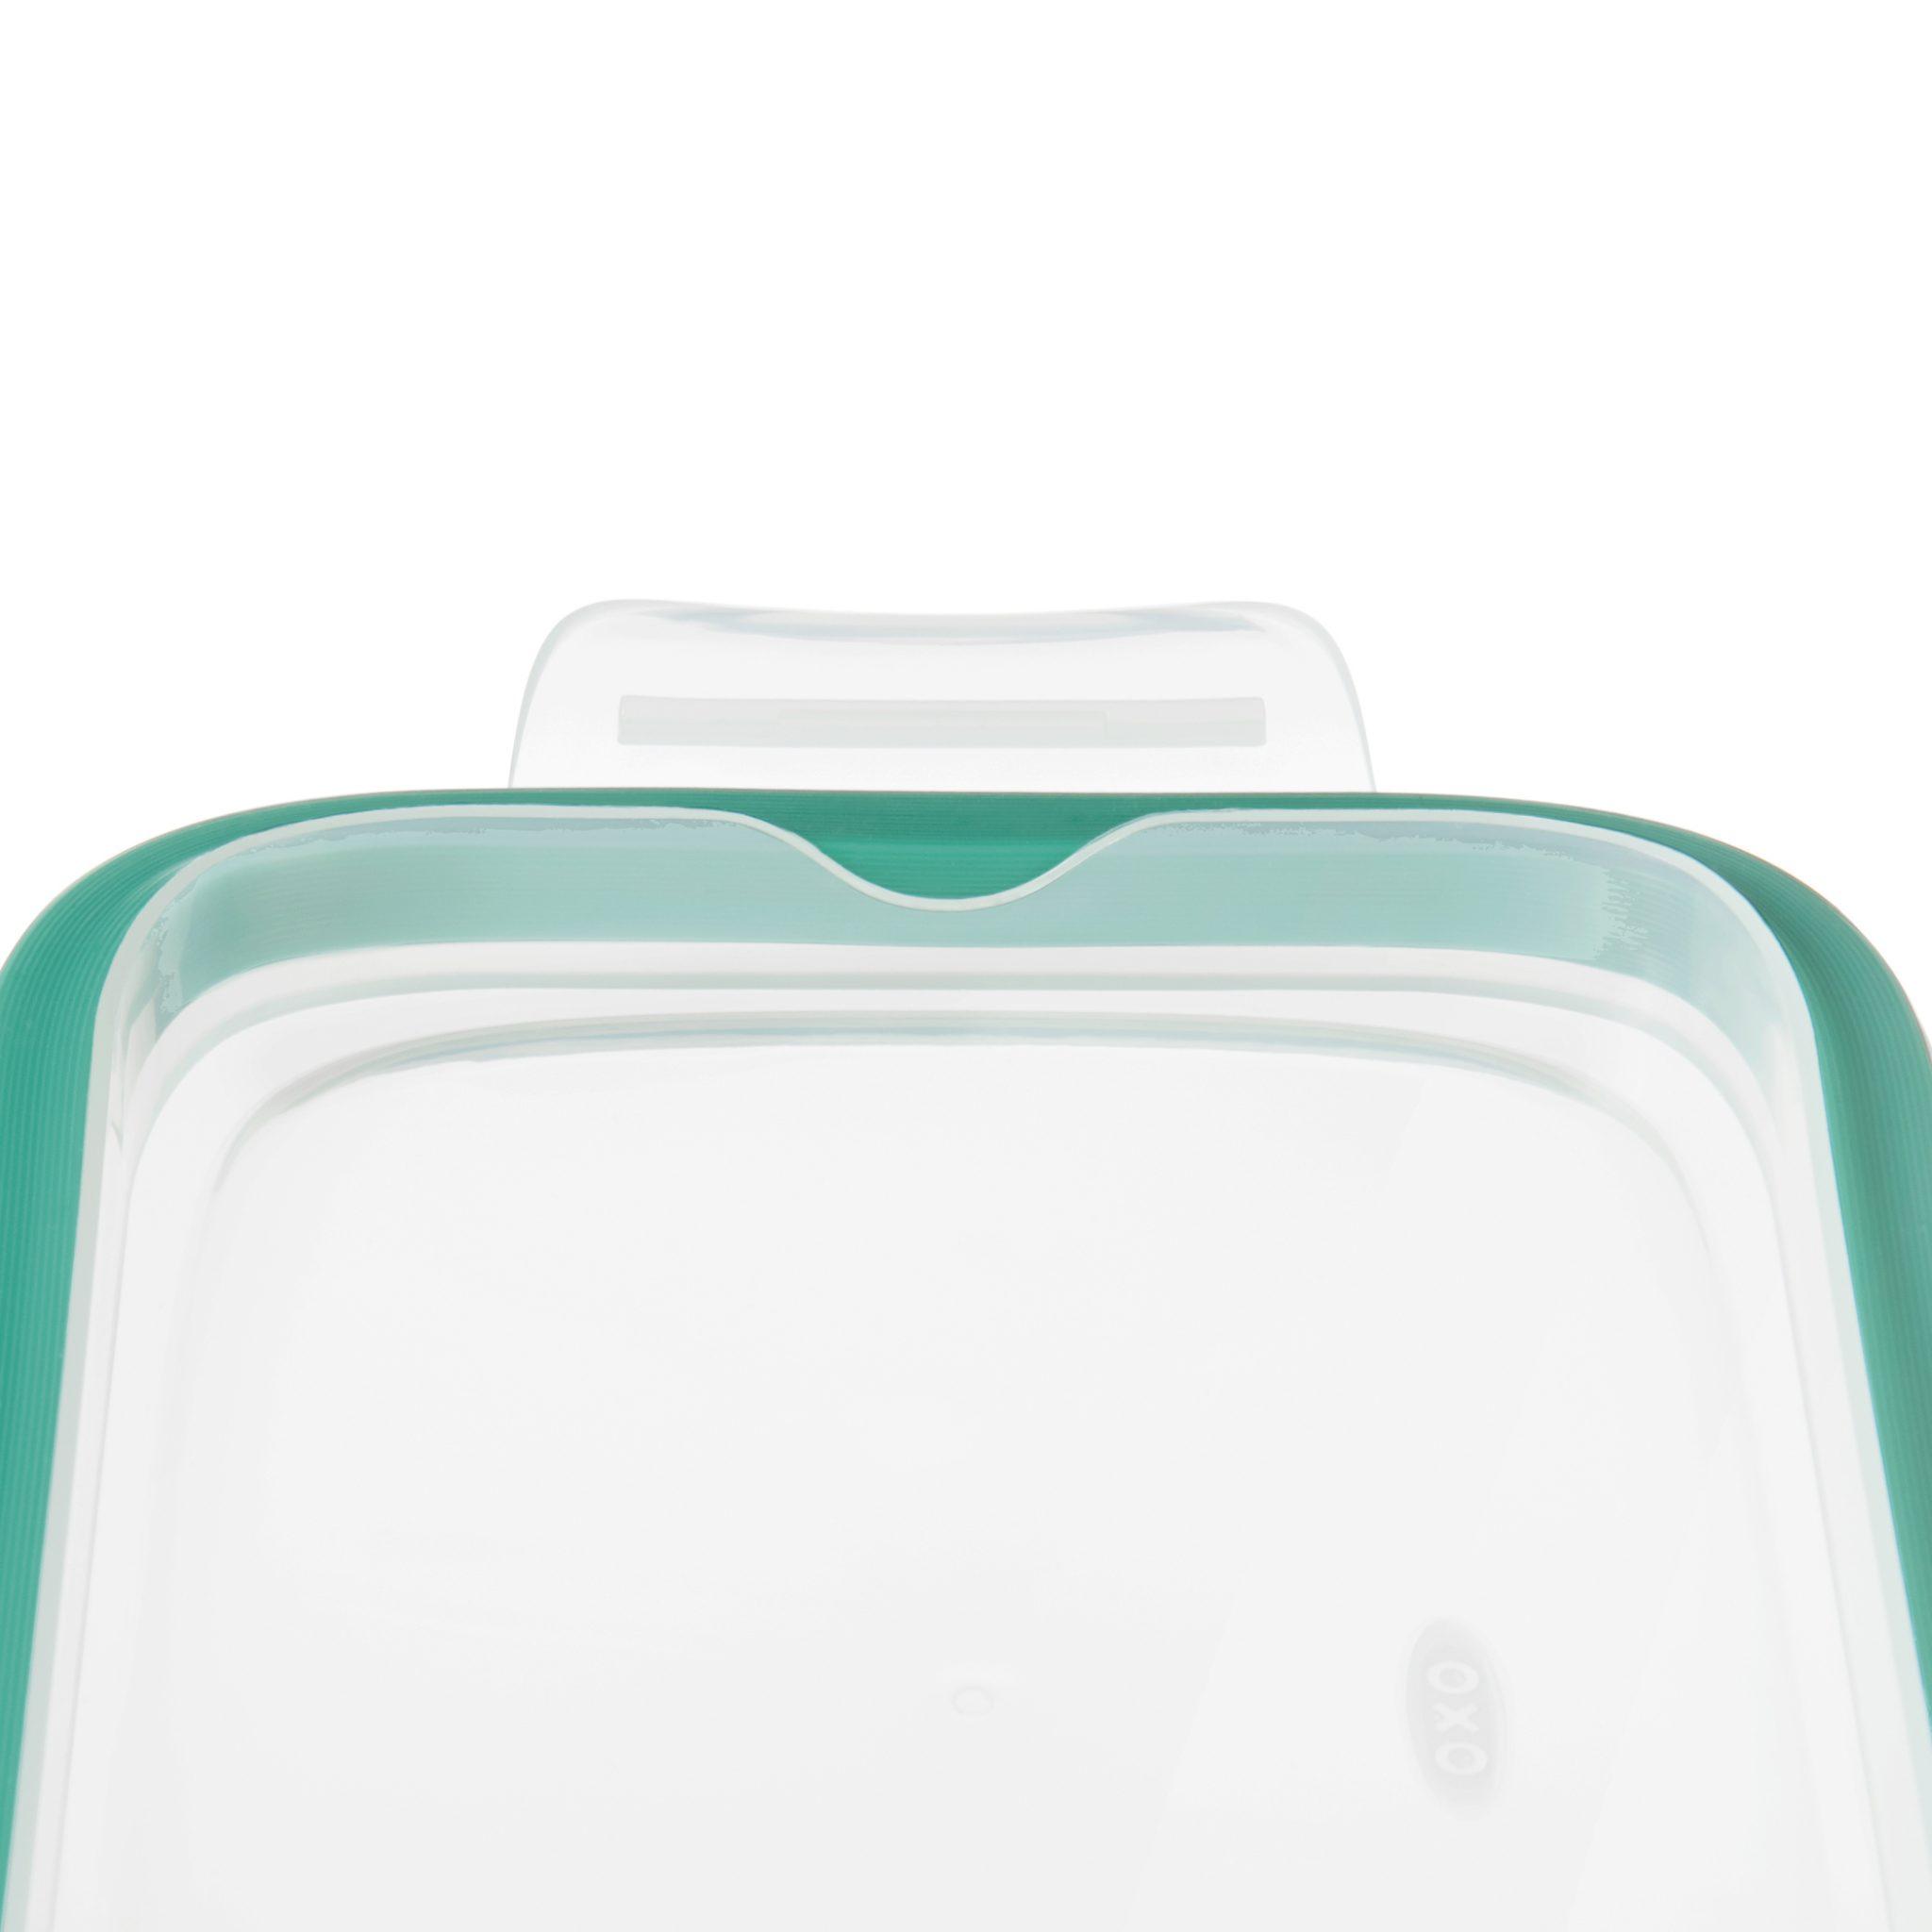 美國 OXO 耐熱玻璃保鮮盒 2L